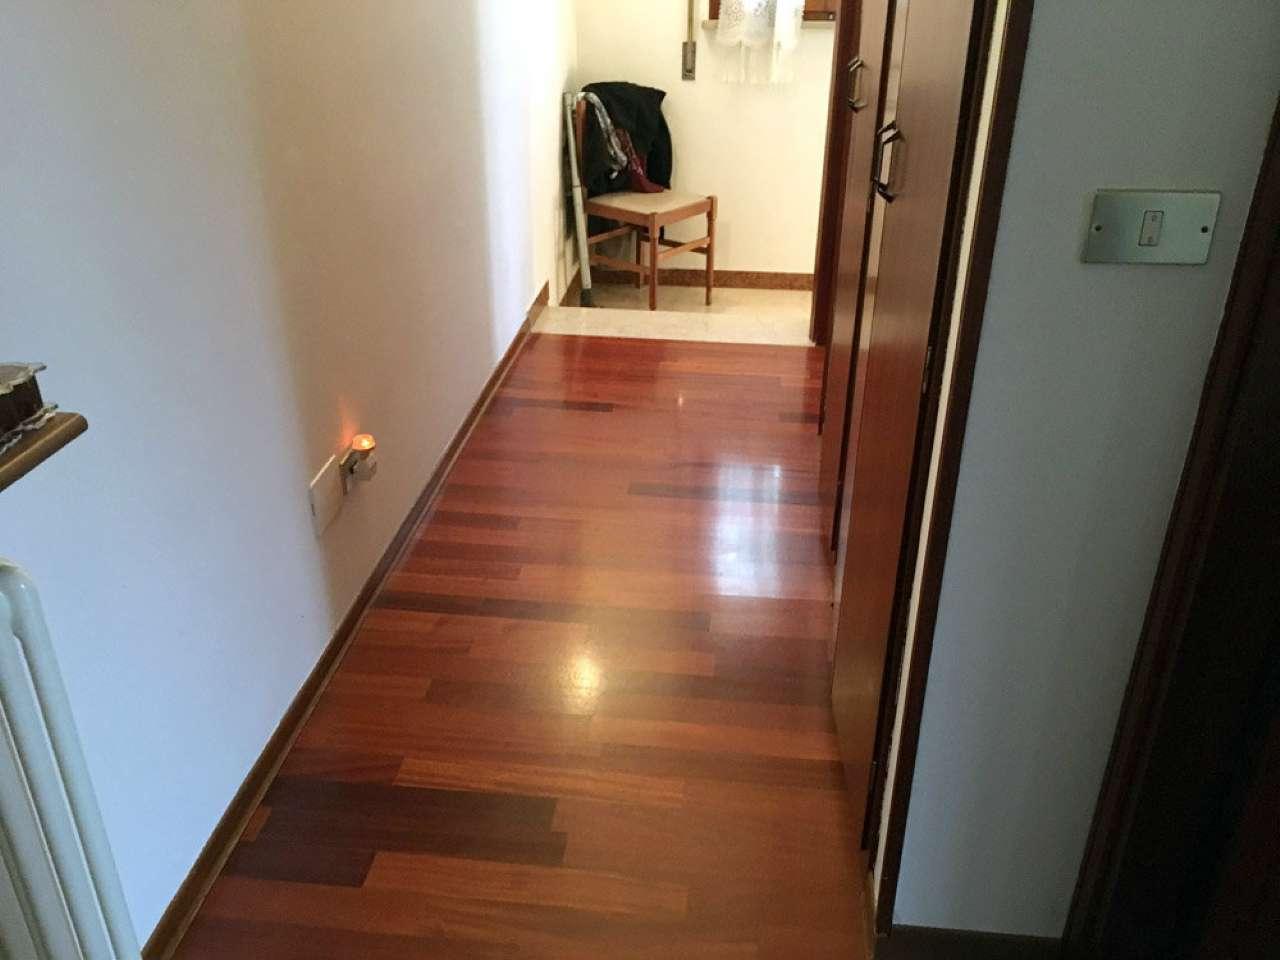 Soluzione Indipendente in vendita a Ravenna, 5 locali, prezzo € 200.000   Cambio Casa.it